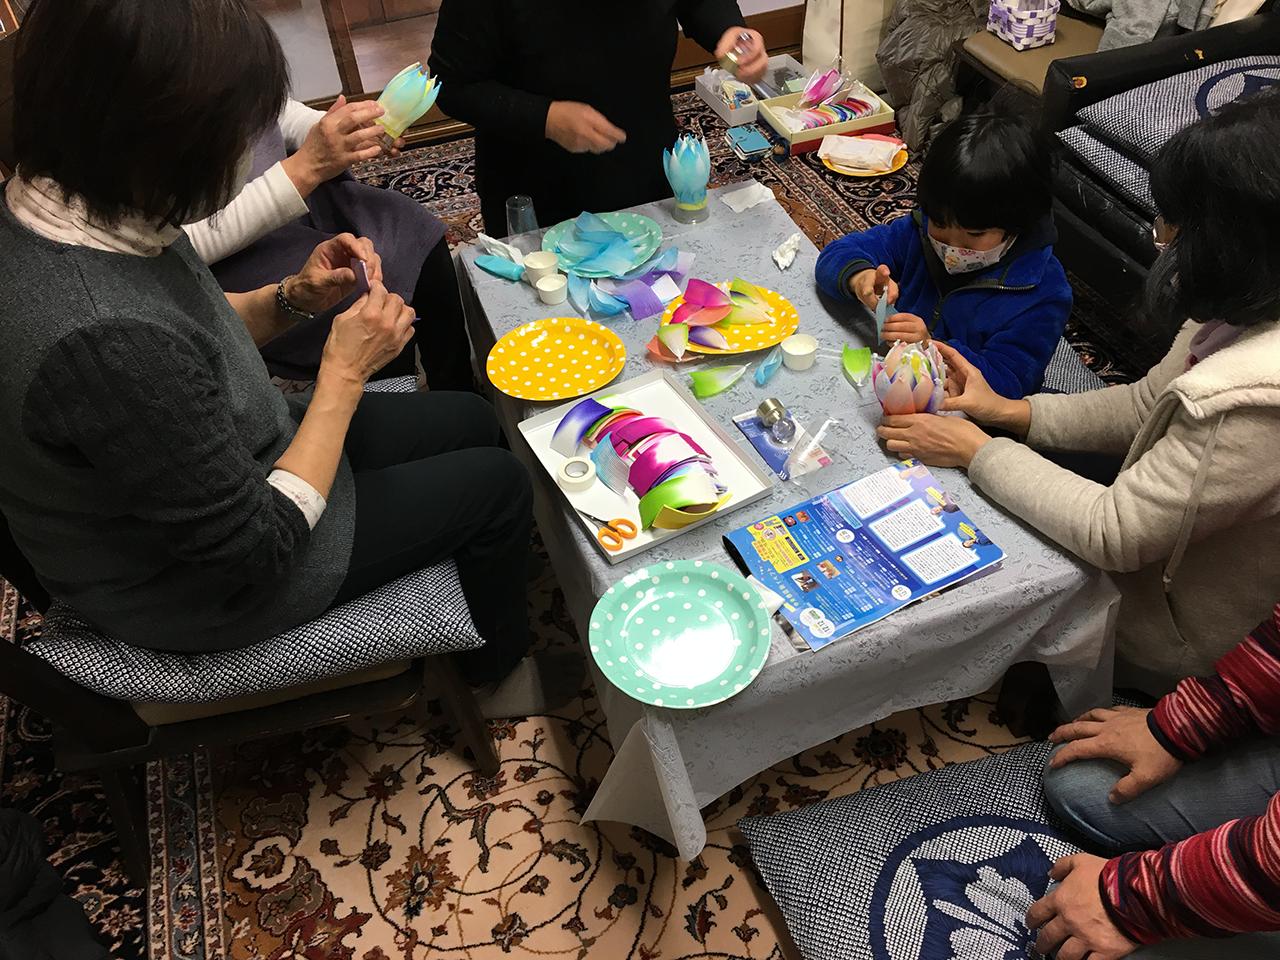 28/ハス花ワークショップ/12月12日